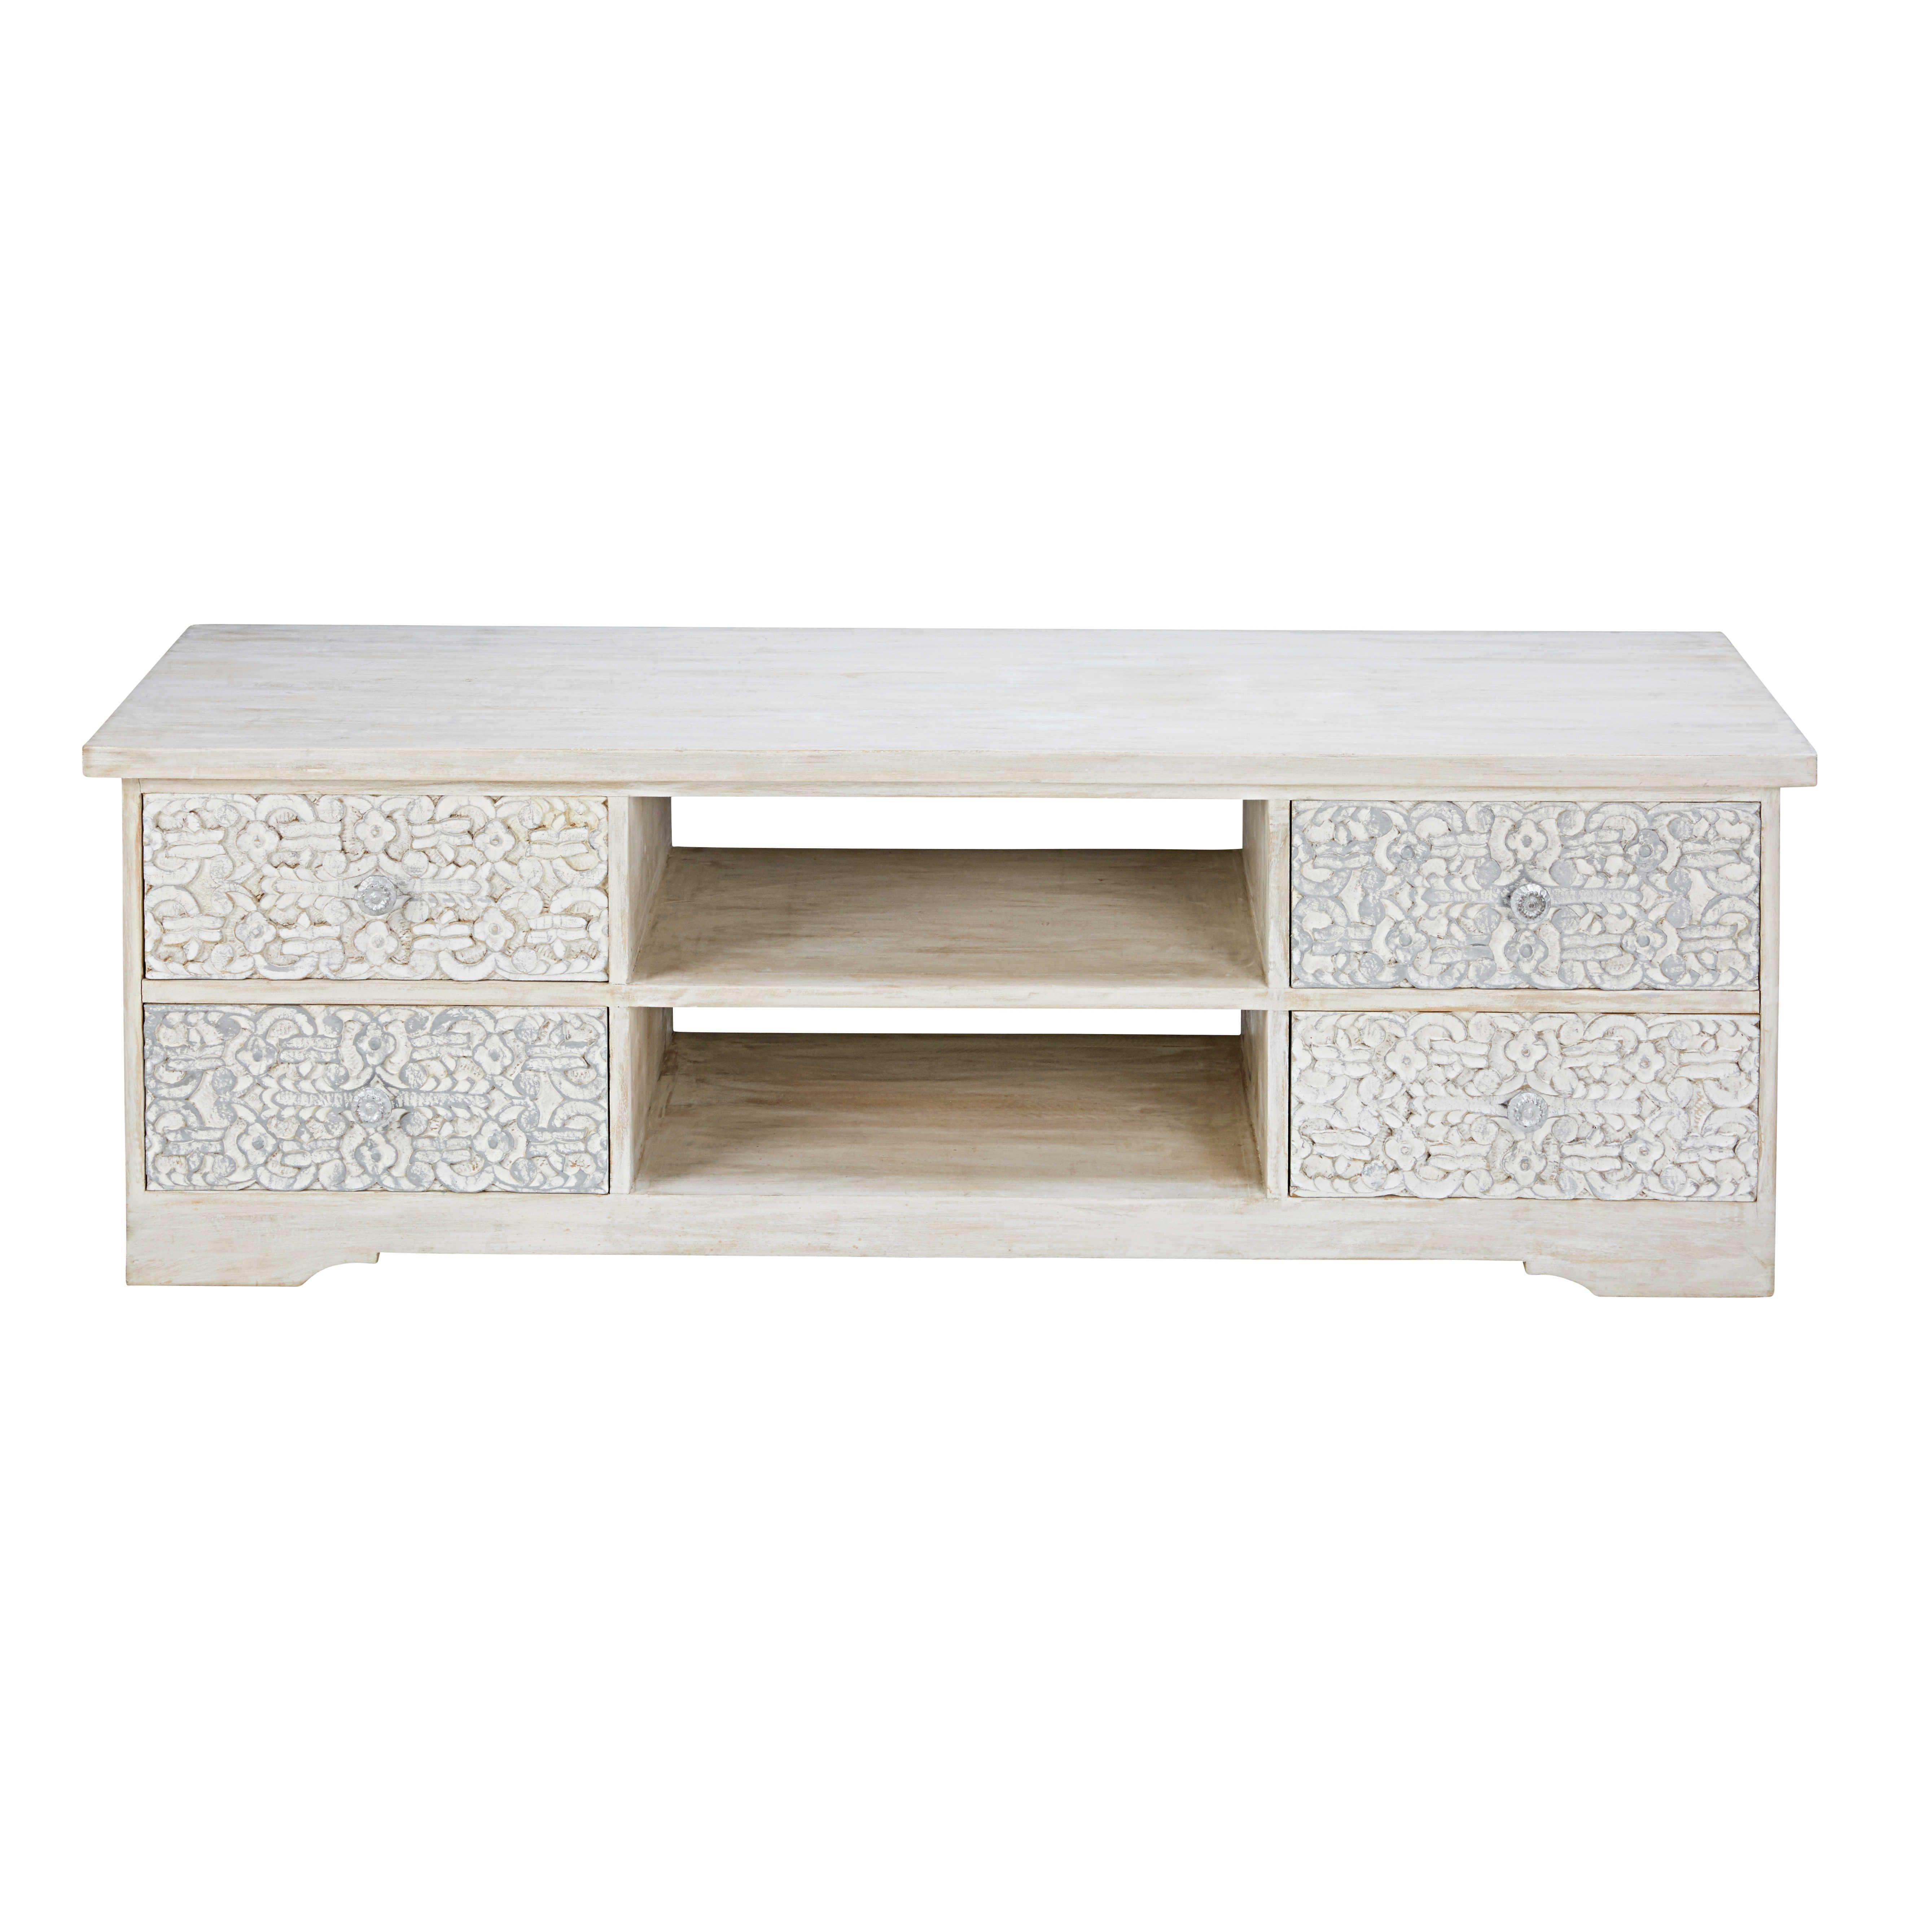 Mueble de tv de mango esculpido y blanqueado namaste shopping list deco muebles para tv - Le monde muebles ...